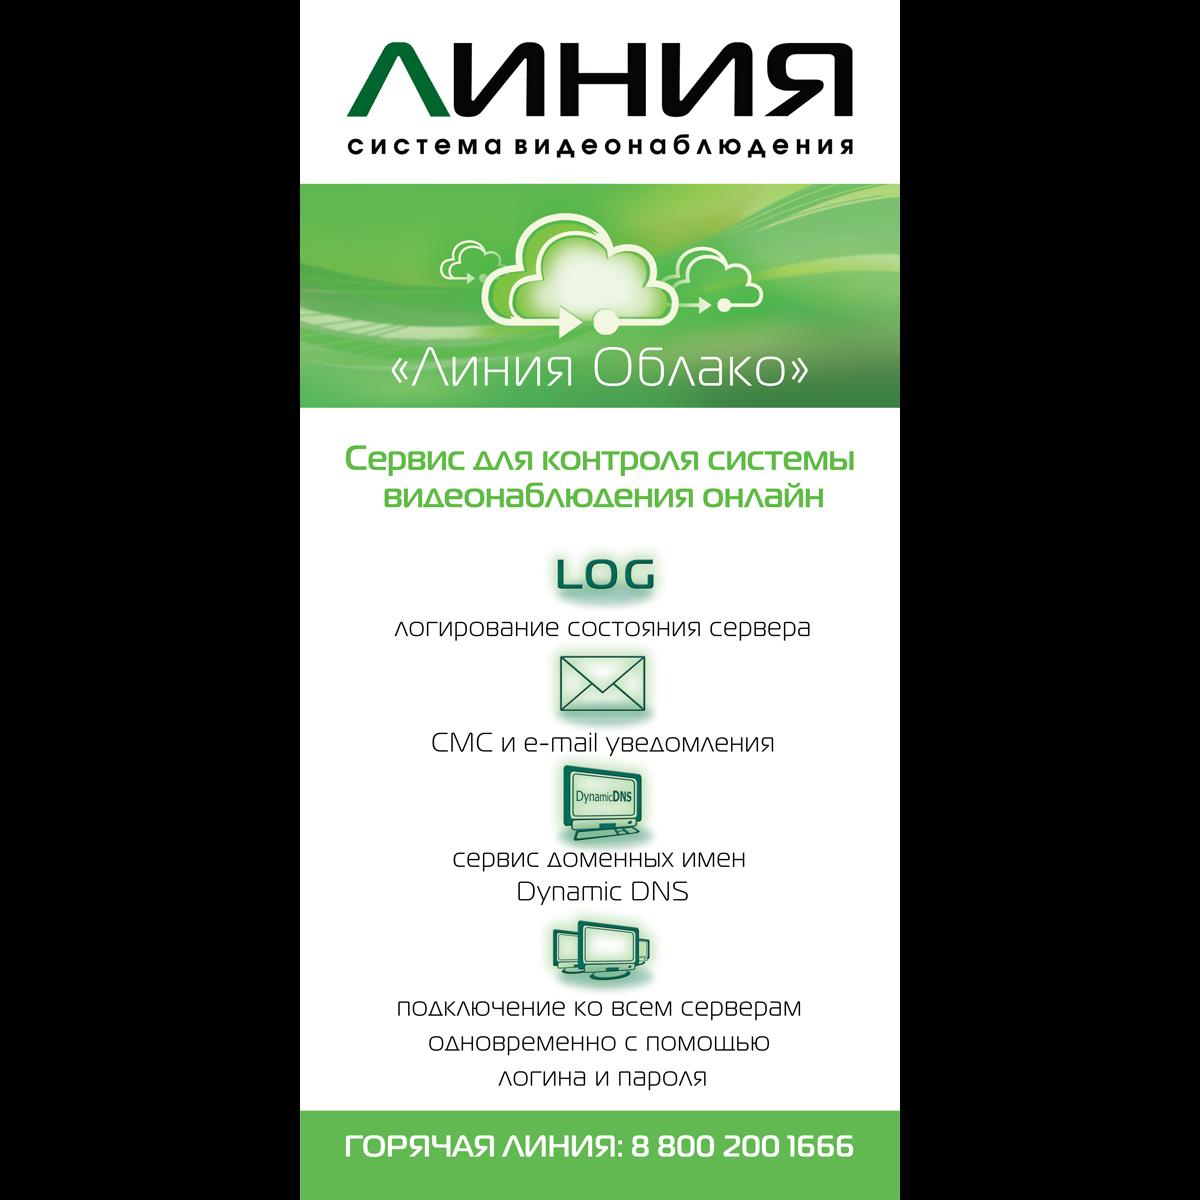 Коробочная версия лицензии Линия IP 4 для подключения 4 IP-видеокамеры. Количество каналов: видео - 4, аудио - 4, до 25 к/с на канал.